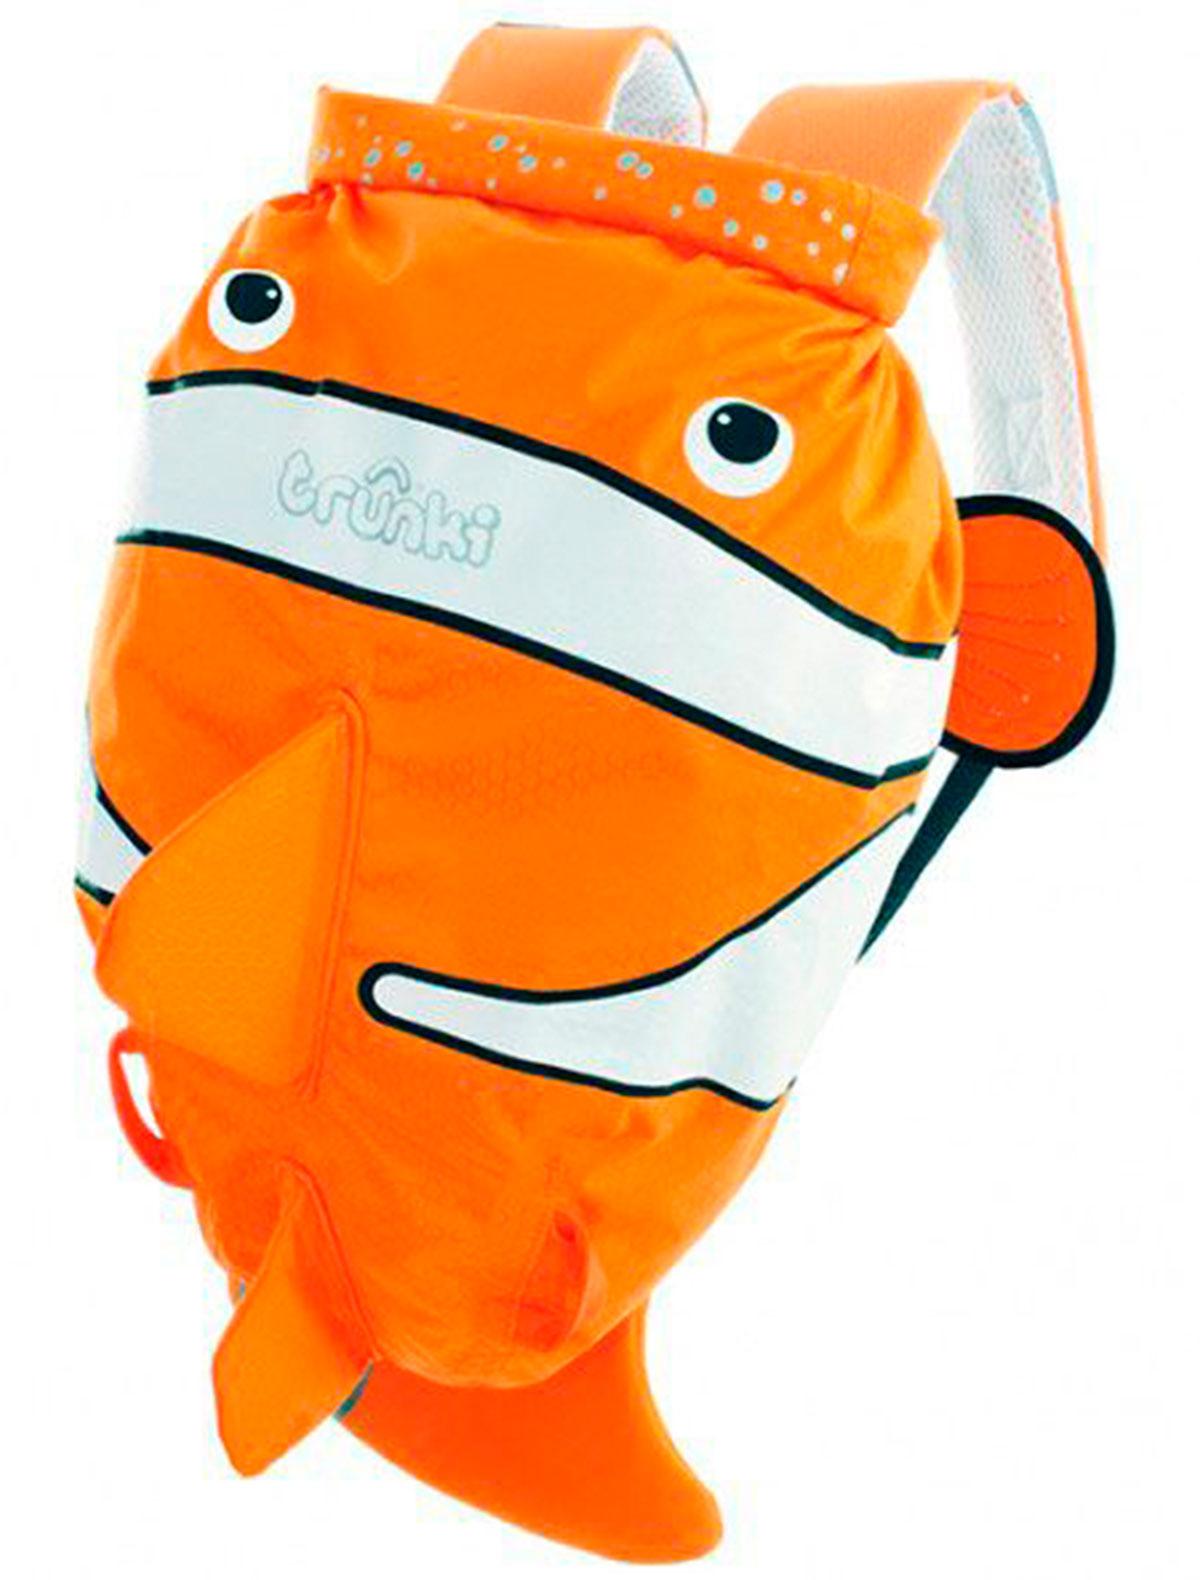 Купить 2227273, Рюкзак Trunki, оранжевый, 1504528080326